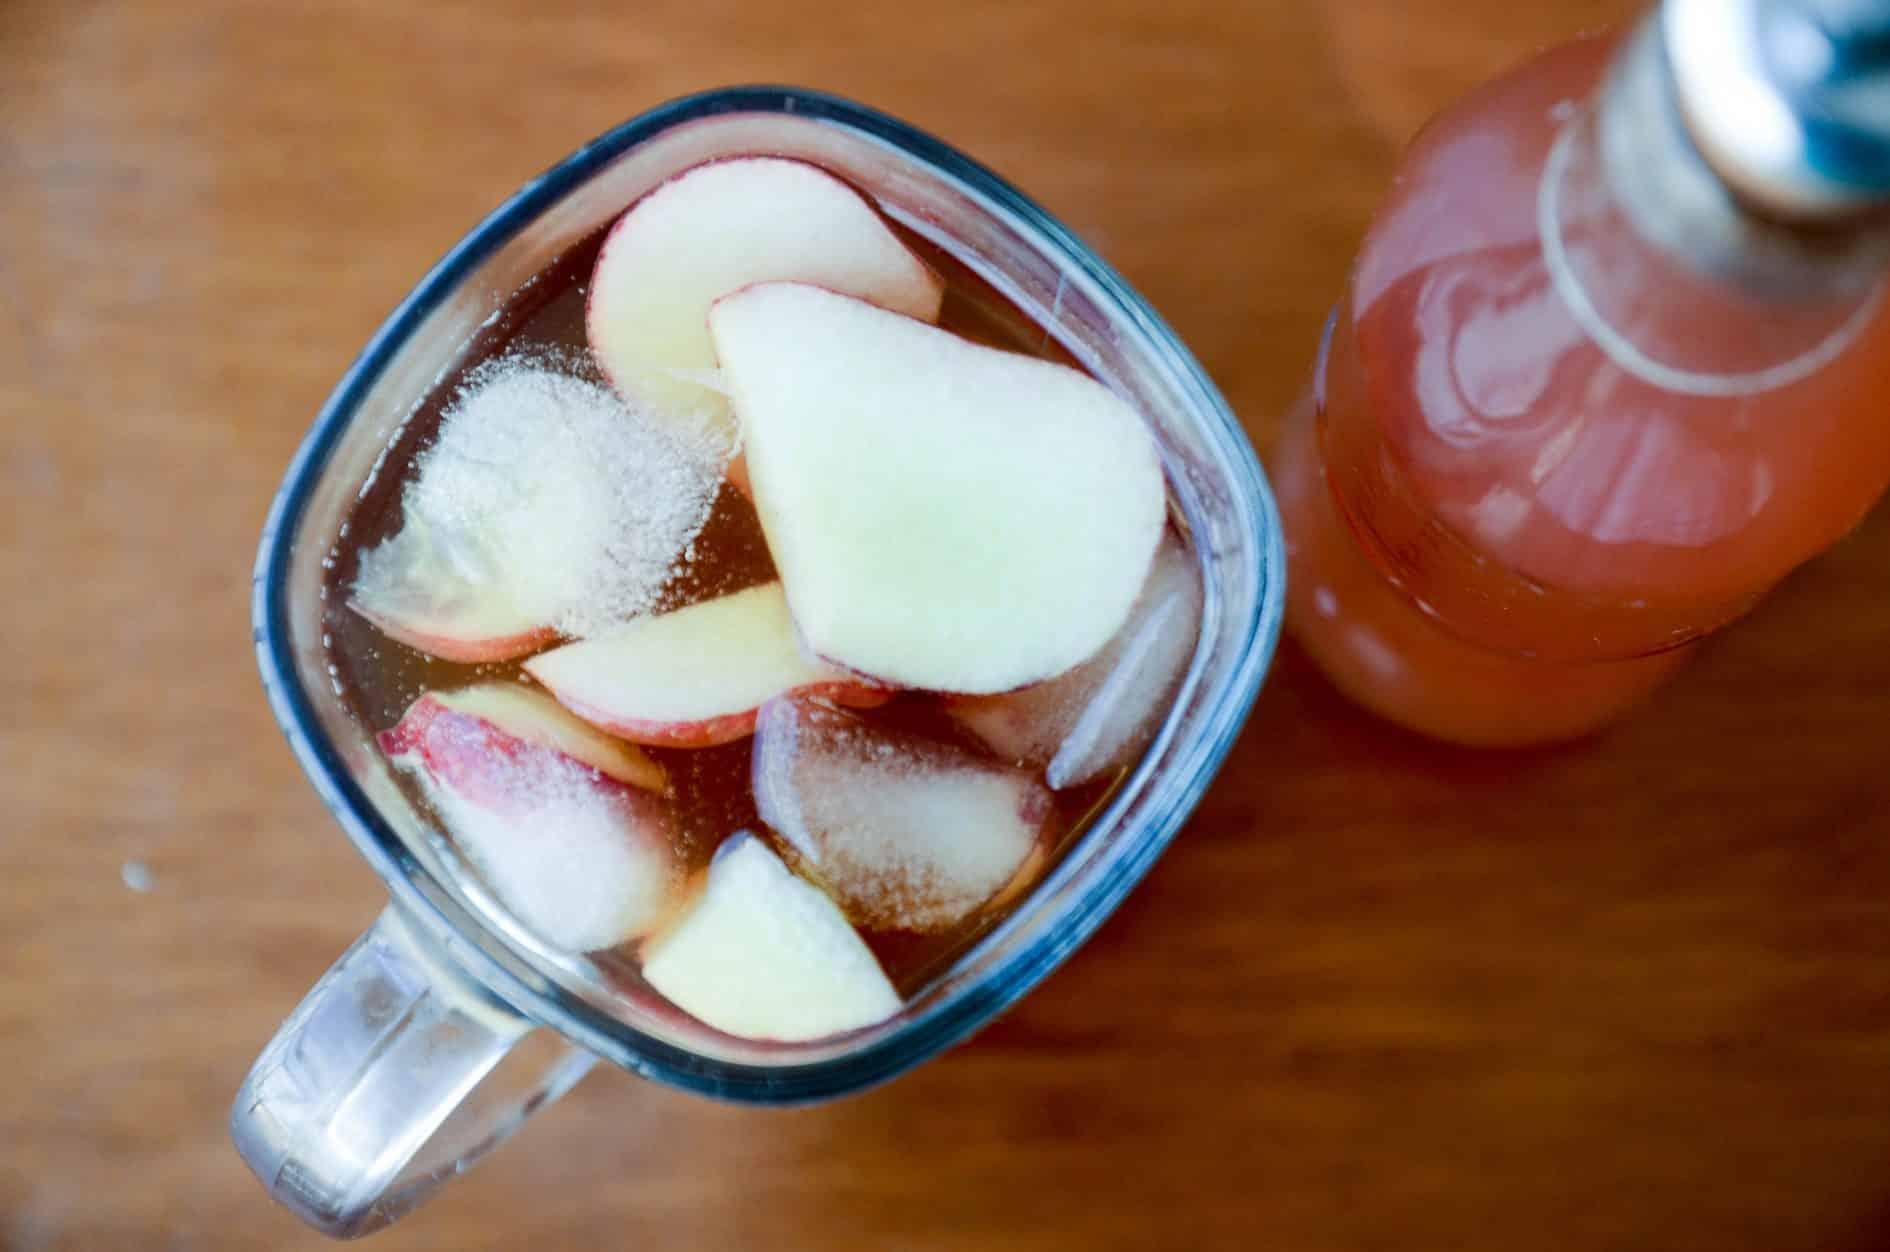 Receita de chá de pessego gelado caseiro - faça em casa e adoce com este xarope seu chá preferido.